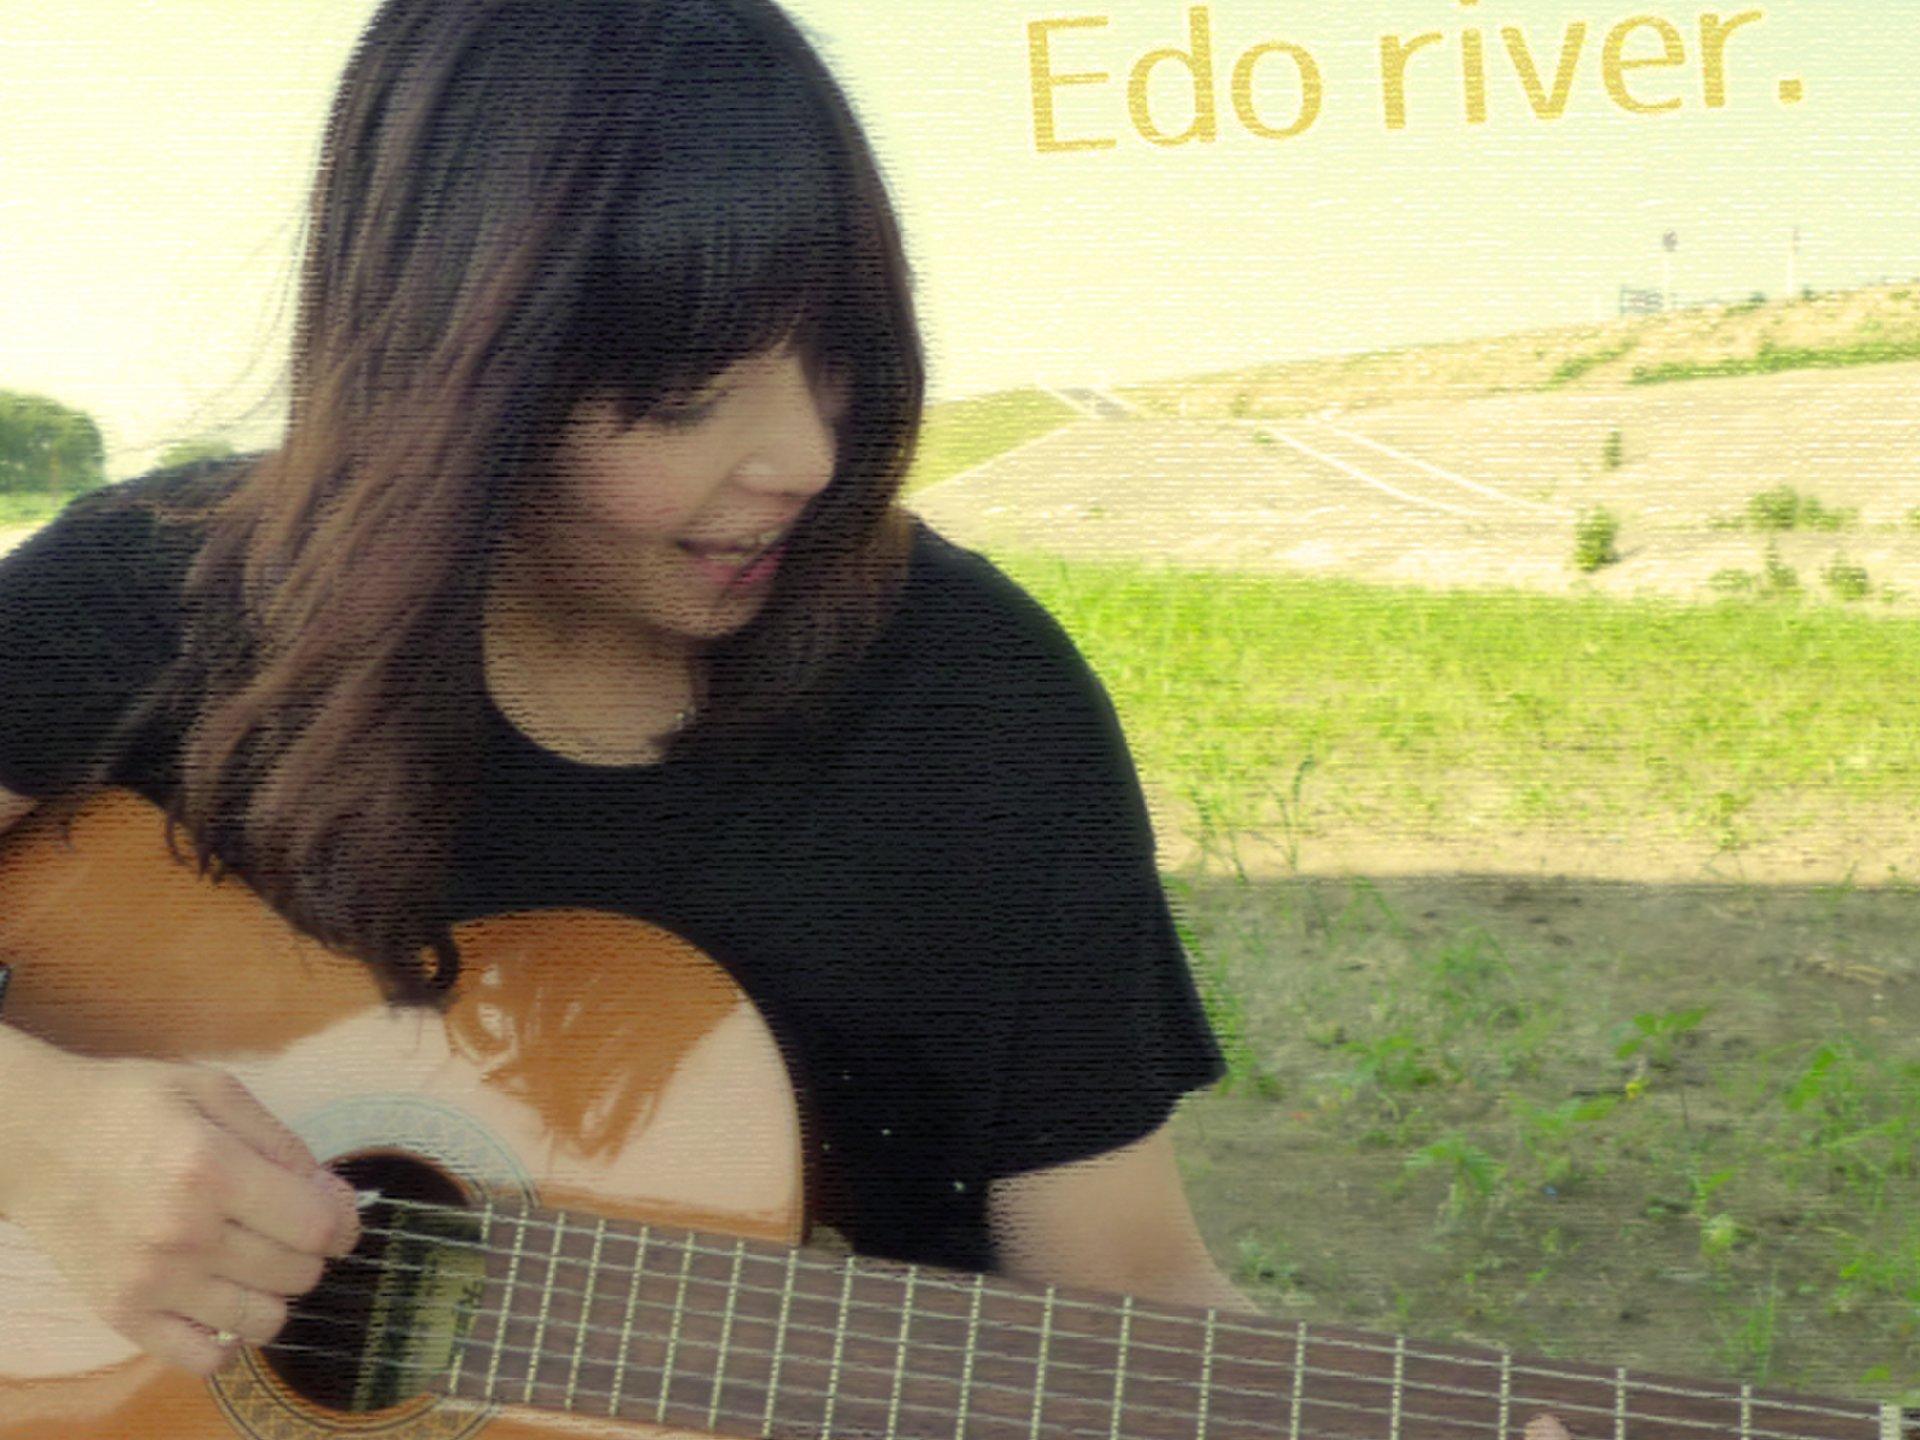 ギターを持って江戸川の河川敷で遊ぼう。花火大会や釣りだけじゃないぞ!